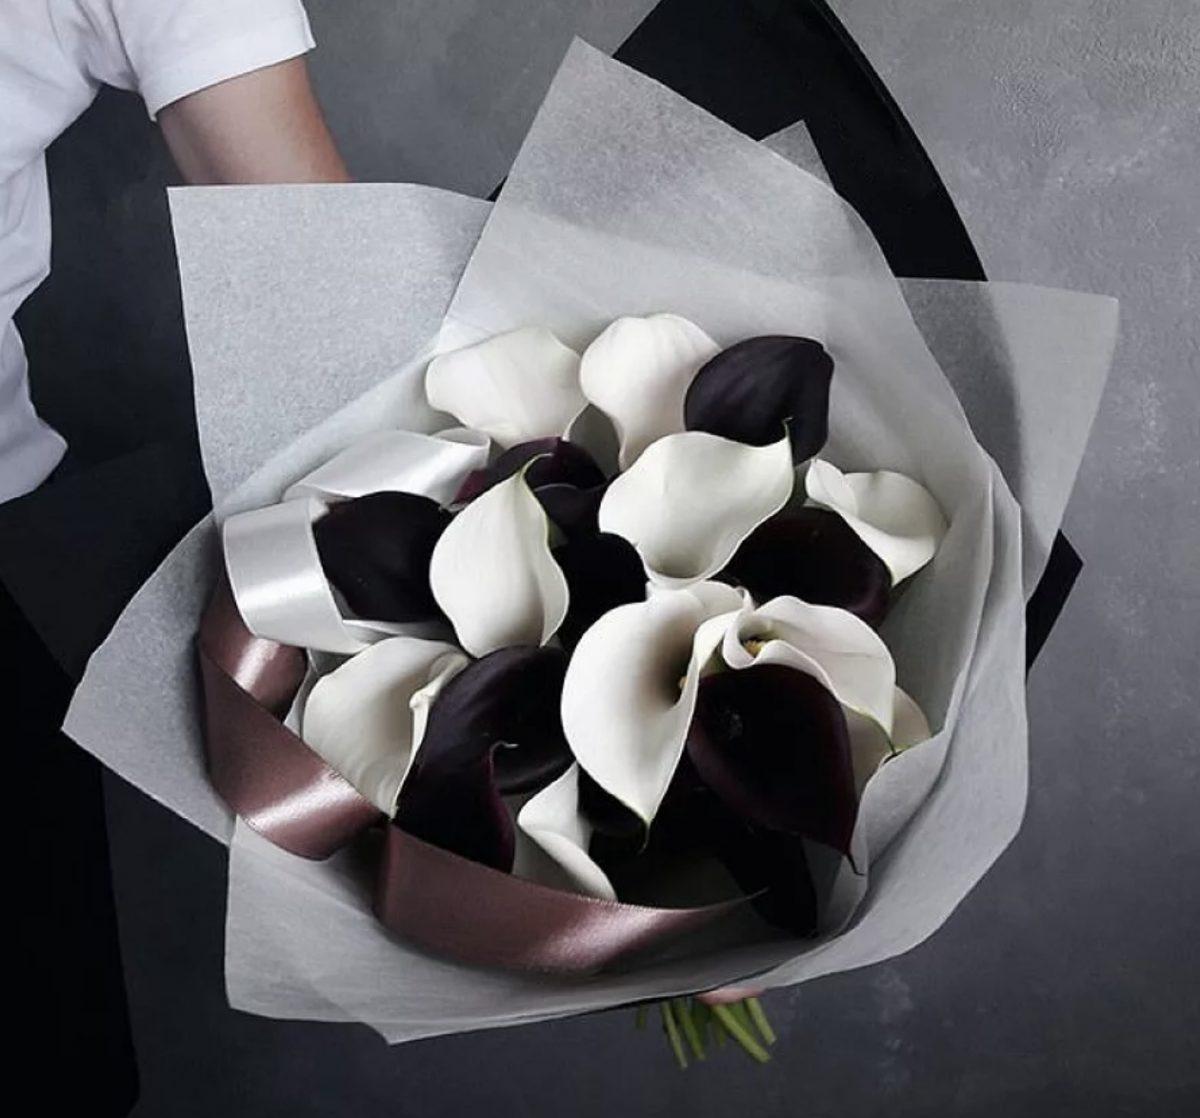 Купить цветы черные каллы в москве, херсоне